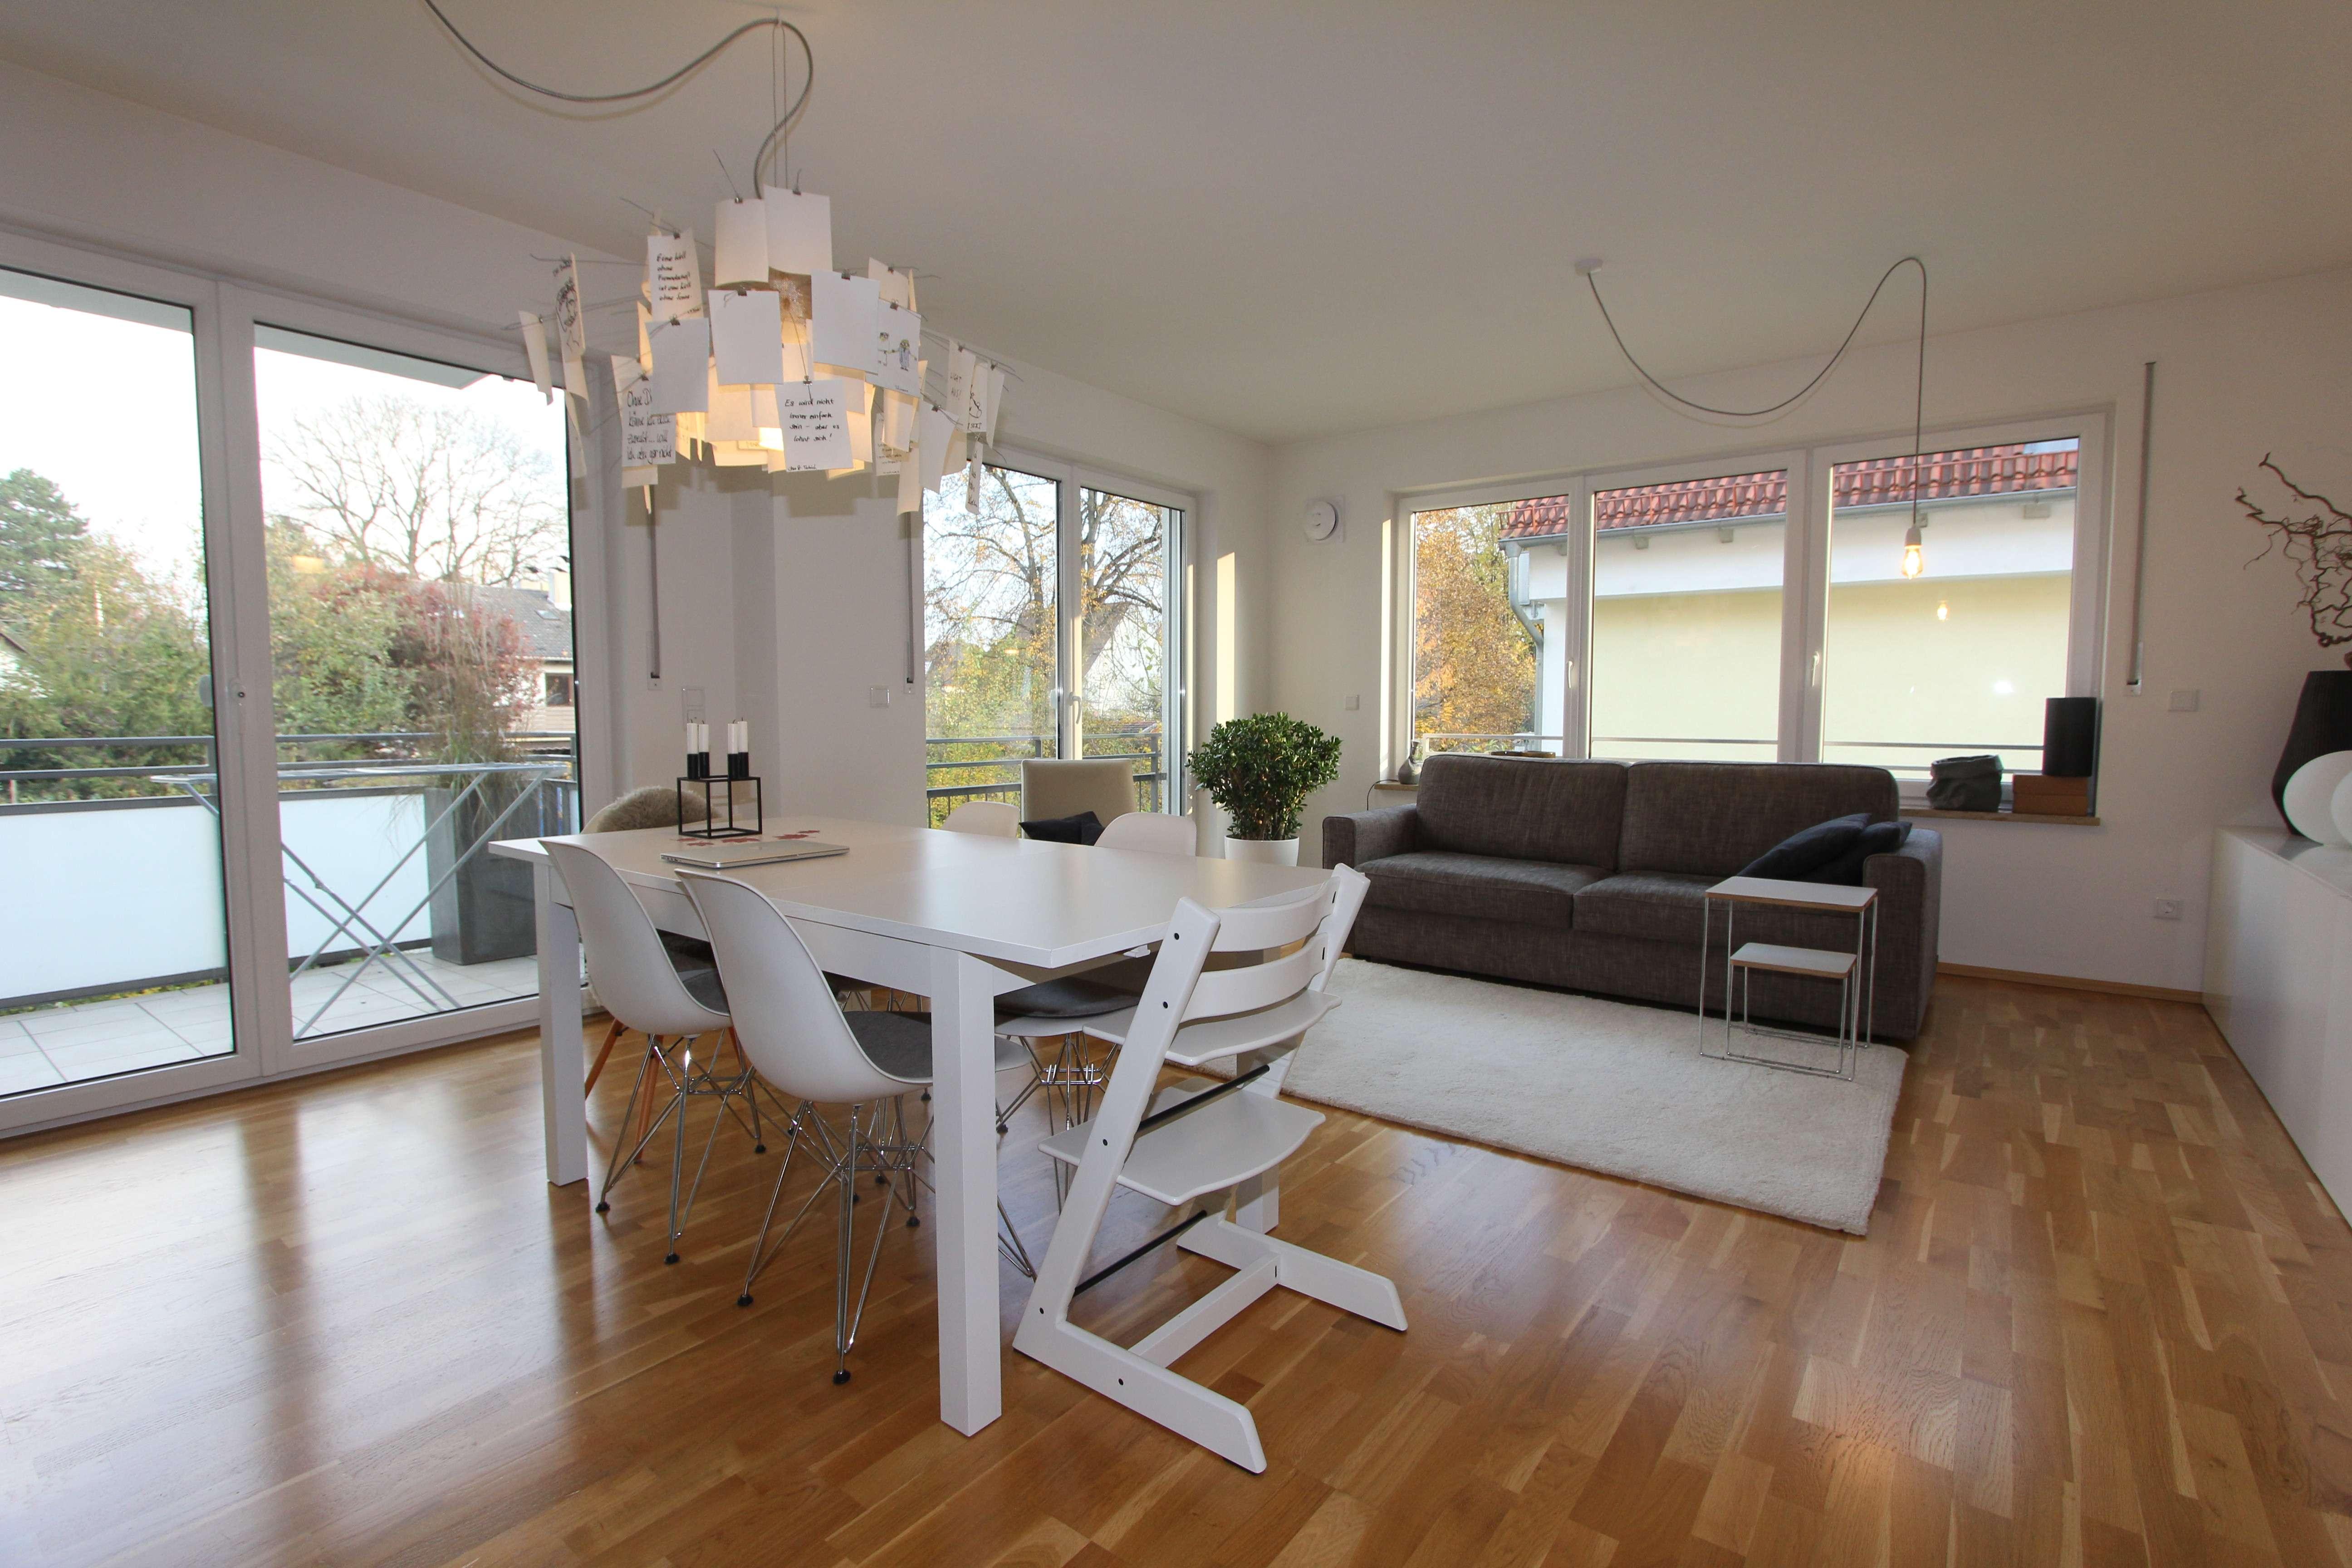 Aubing - tolle 3 Zimmer Whg. mit Parkett, großem Balkon, Gäste-WC, TG, - TOP-Lage   FREI!!! in Aubing (München)